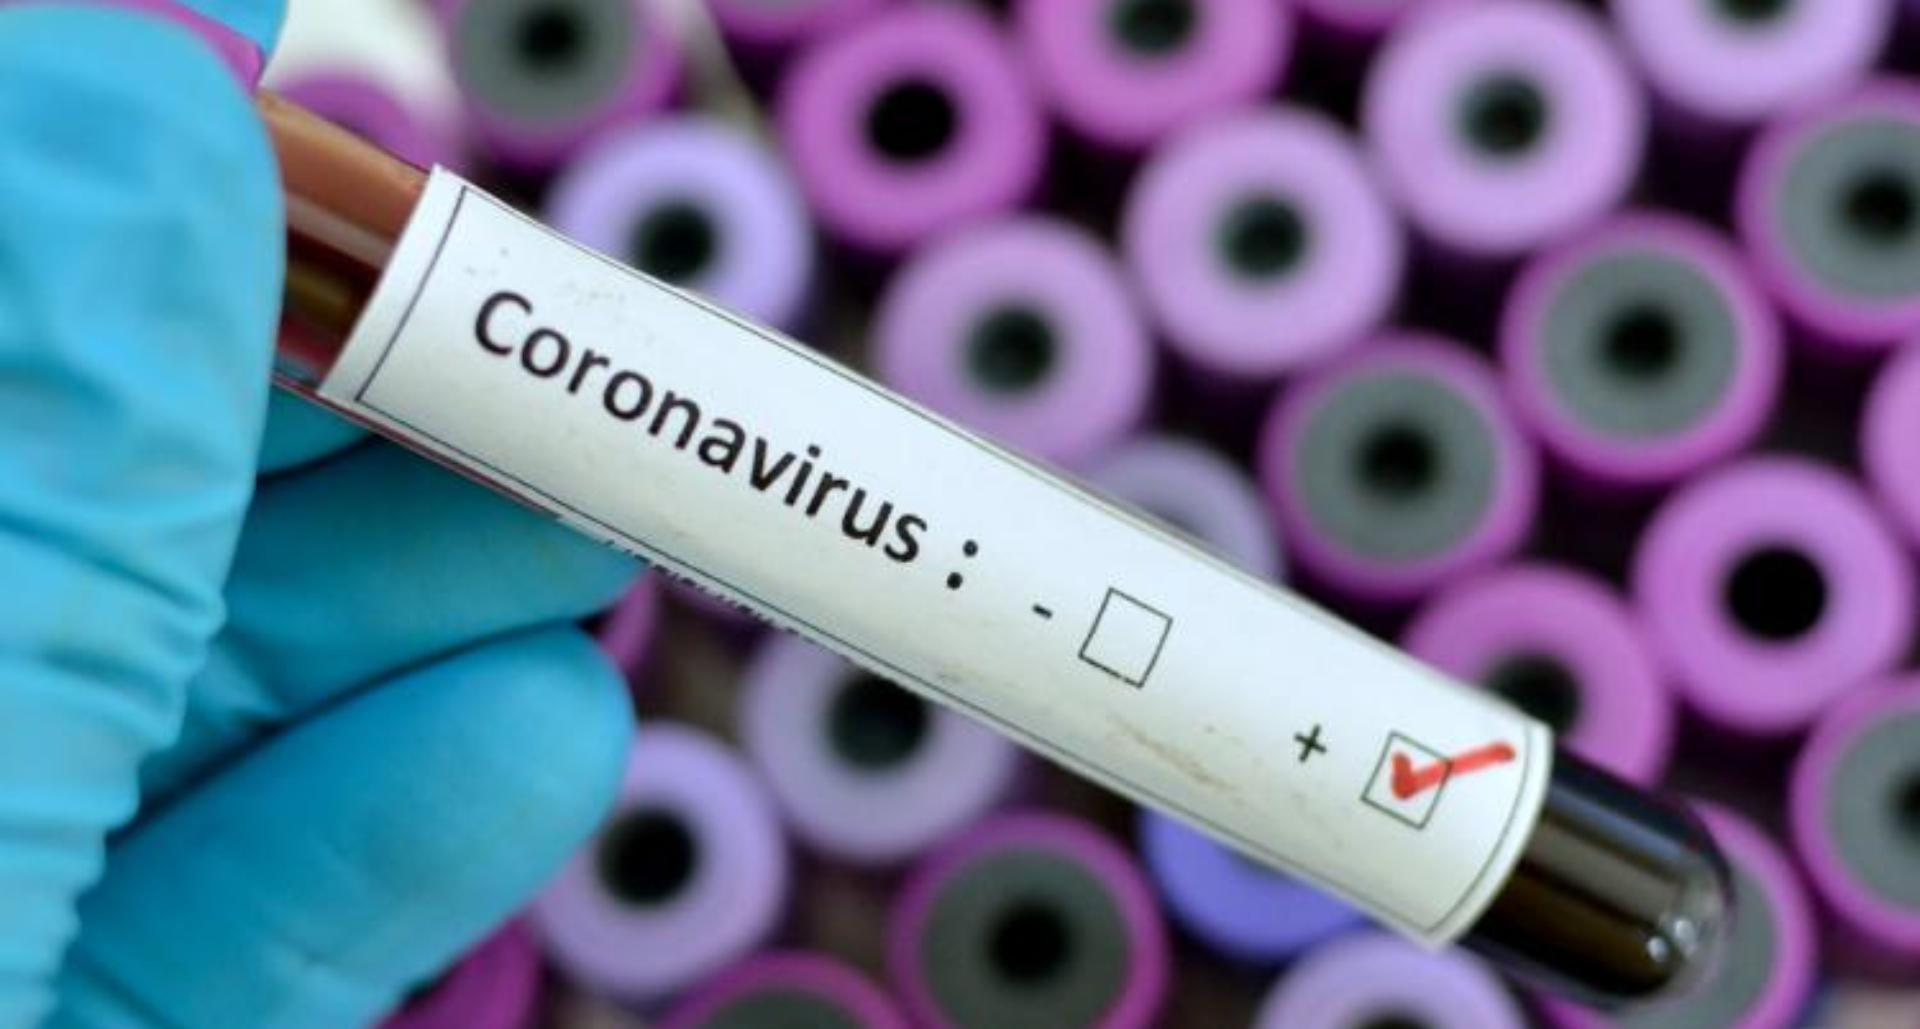 Coronavirus Symptoms: कोरोना वायरस क्या हैं? जानिए इसके लक्षण, उपचार और रोकथाम